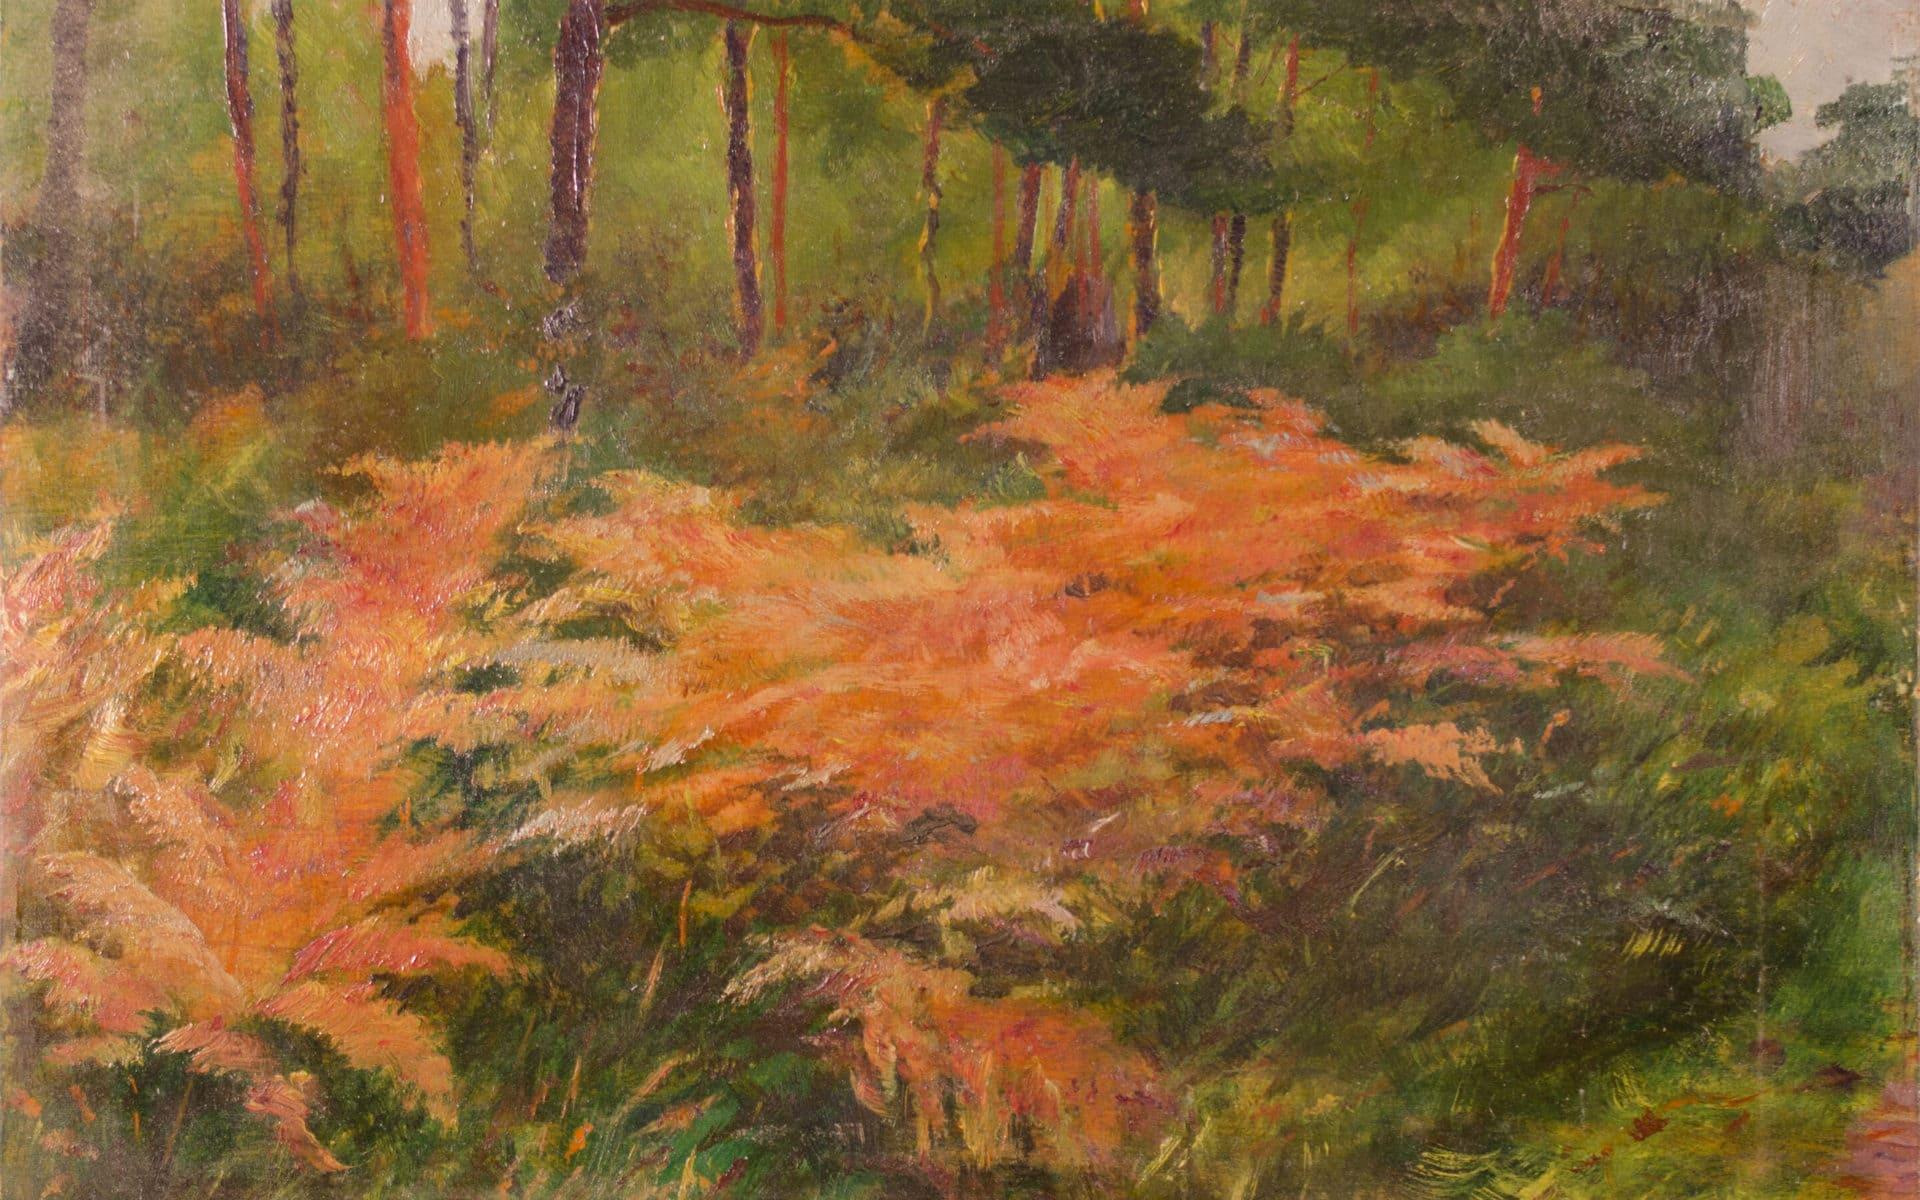 Seton's Painted Landscapes